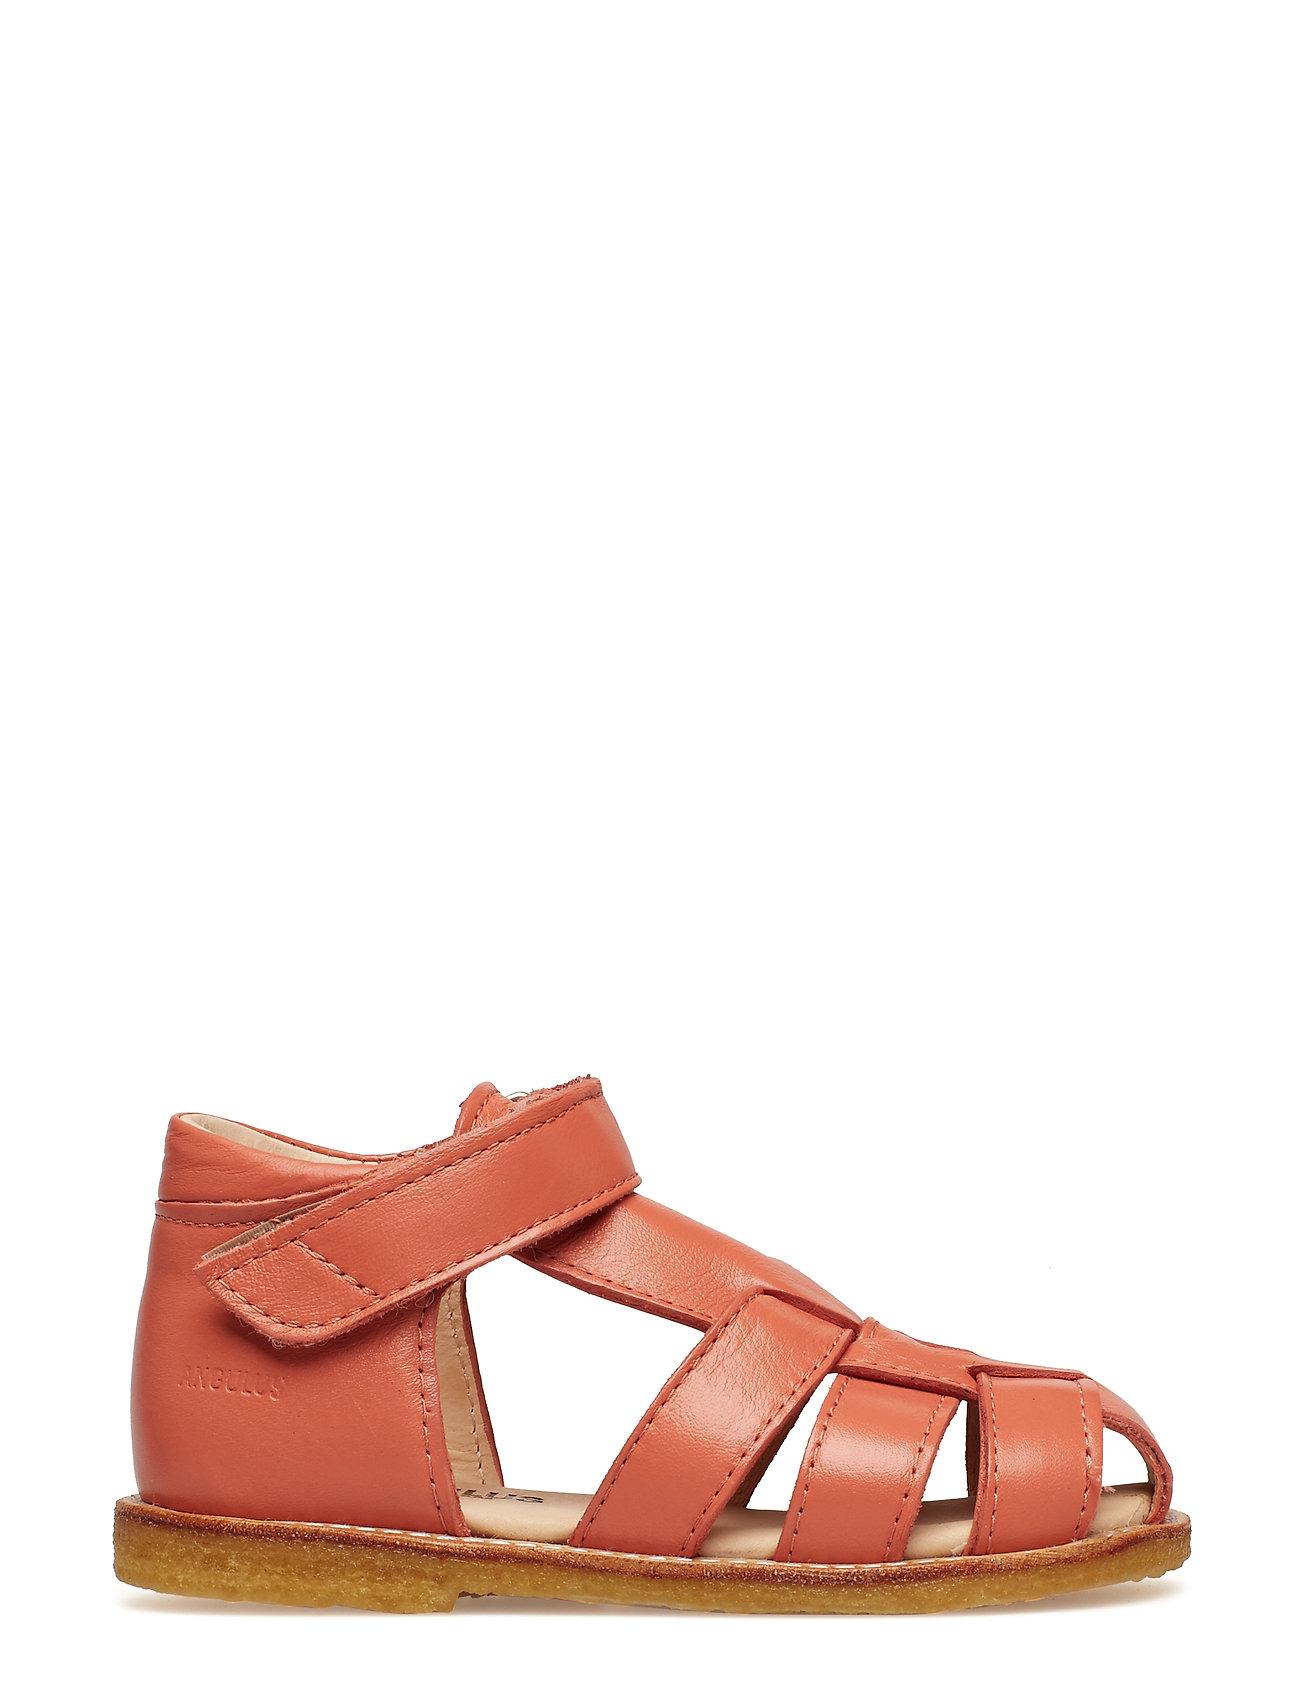 269b603010af 2164 LEOPARD ANGULUS Baby Sandal sandaler for børn - Pashion.dk